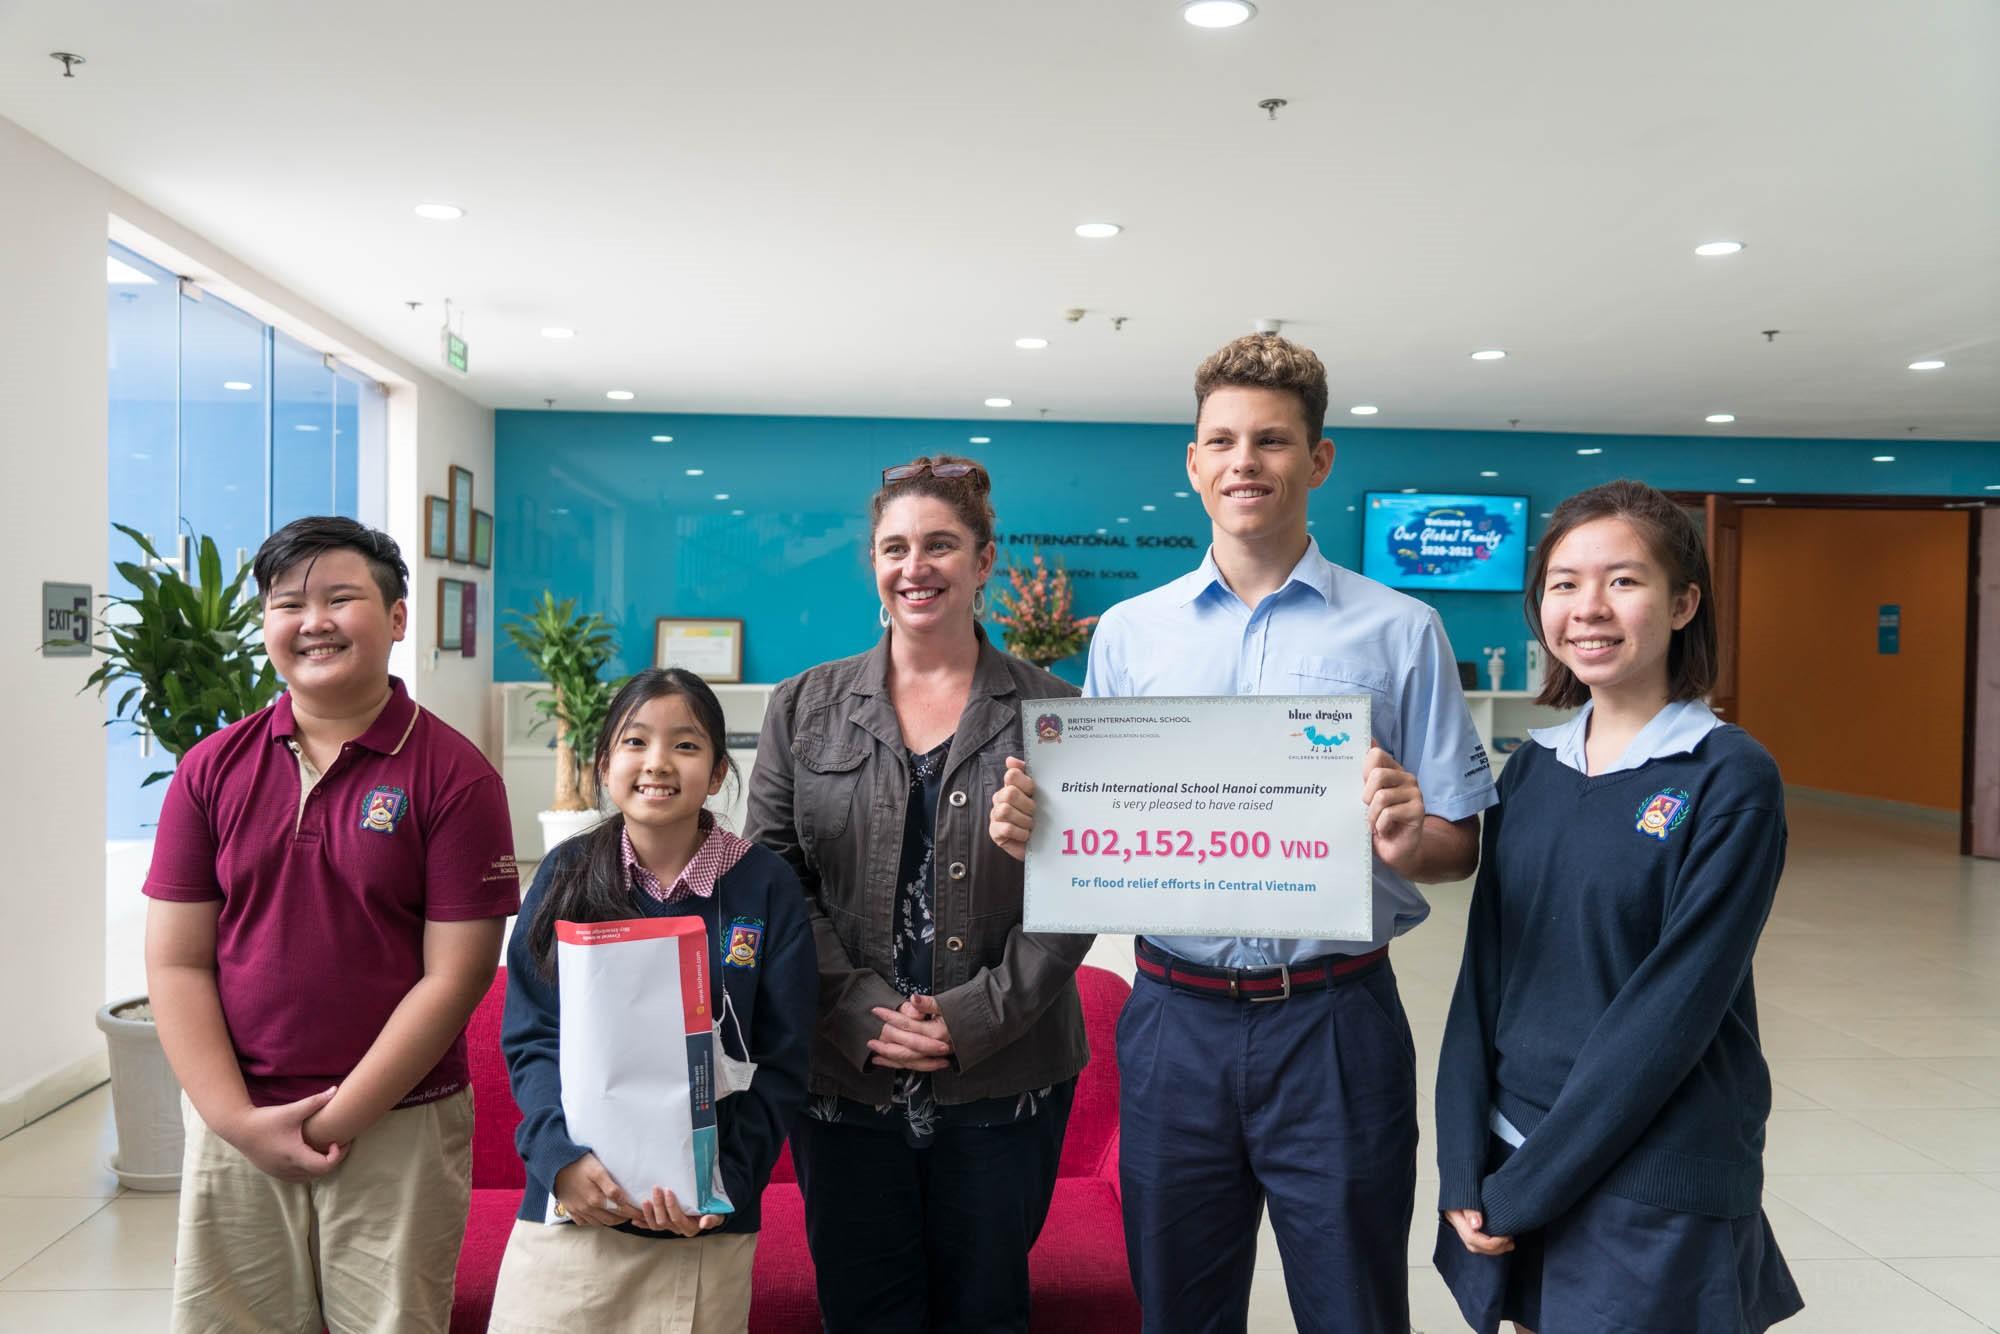 Học sinh trường Quốc tế Anh (BIS) Hà Nôi gây quỹ ủng hộ miền Trung bị lũ lụt vào năm 2020.